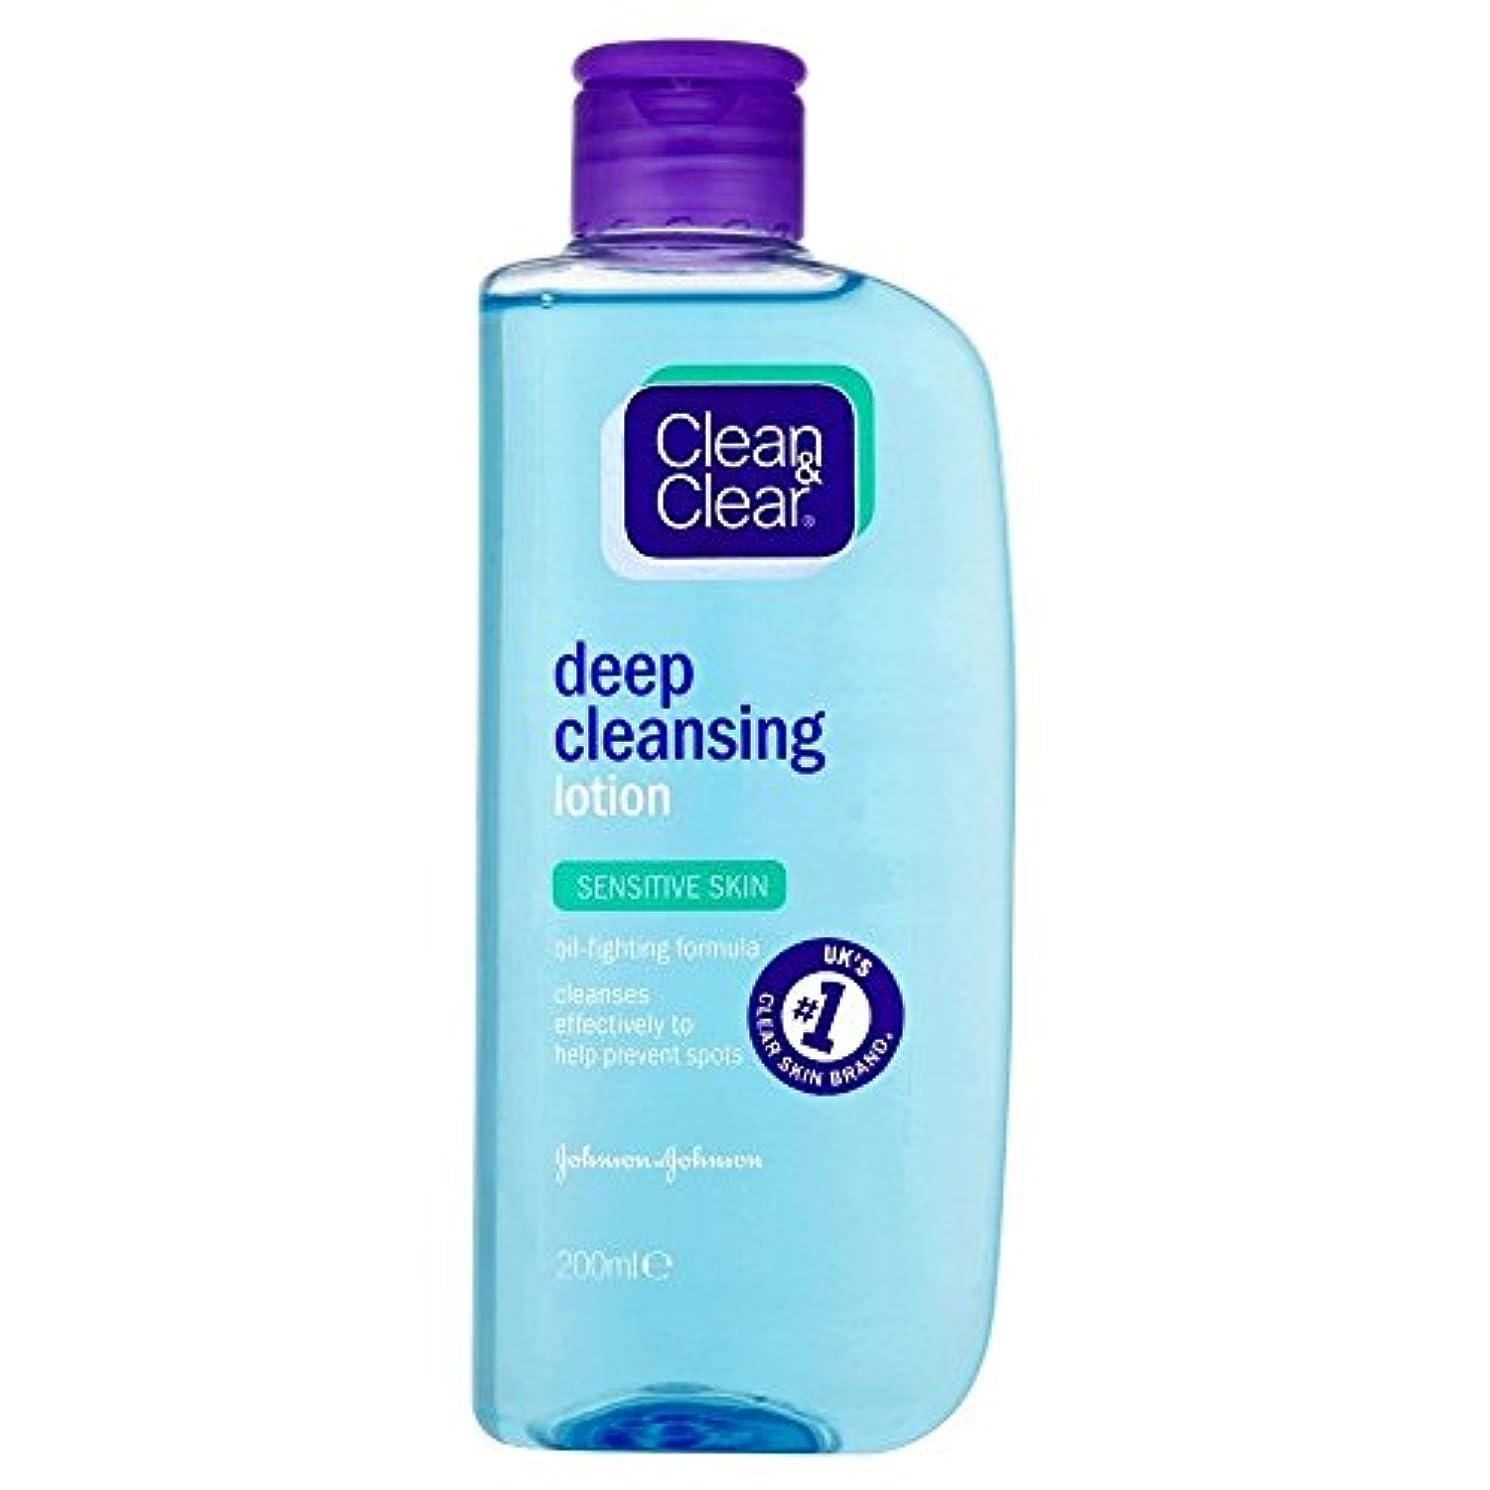 楽観的ロードハウスアダルトClean & Clear Deep Cleansing Lotion - Sensitive (200ml) クリーンで明確なディープクレンジングローション - 感受性( 200ミリリットル) [並行輸入品]